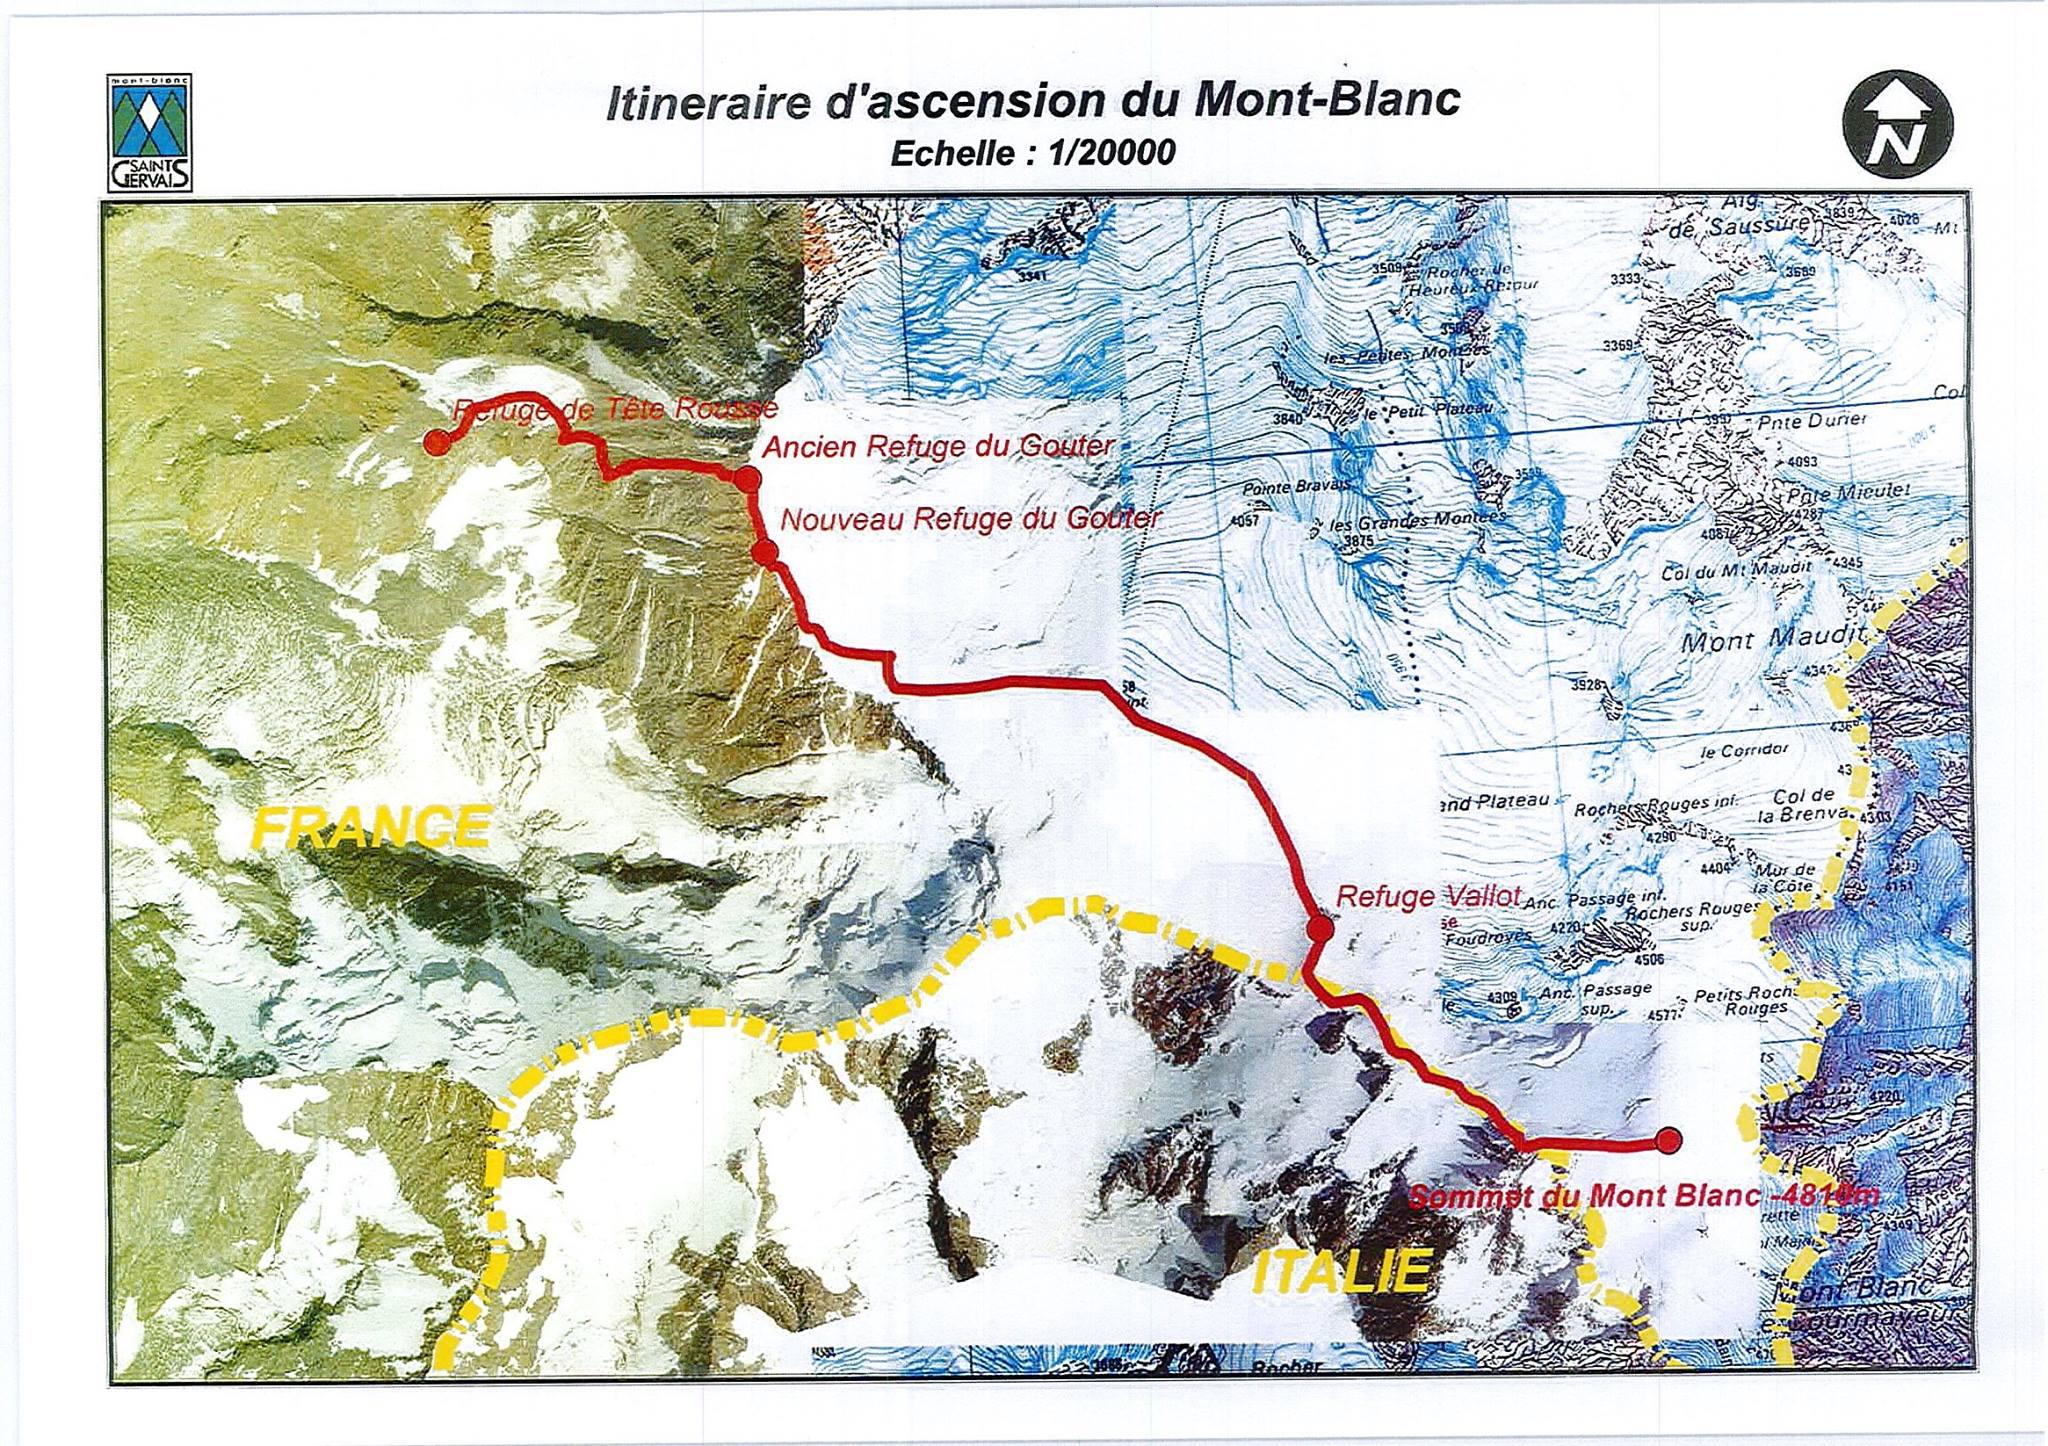 A Mont Blanc francia normál útja, a Gouter (Voie Royal). Ezen kötelező a rendeletben szereplő minimális felszerelés használata Forrás: St. Gervais les Bains Facebook